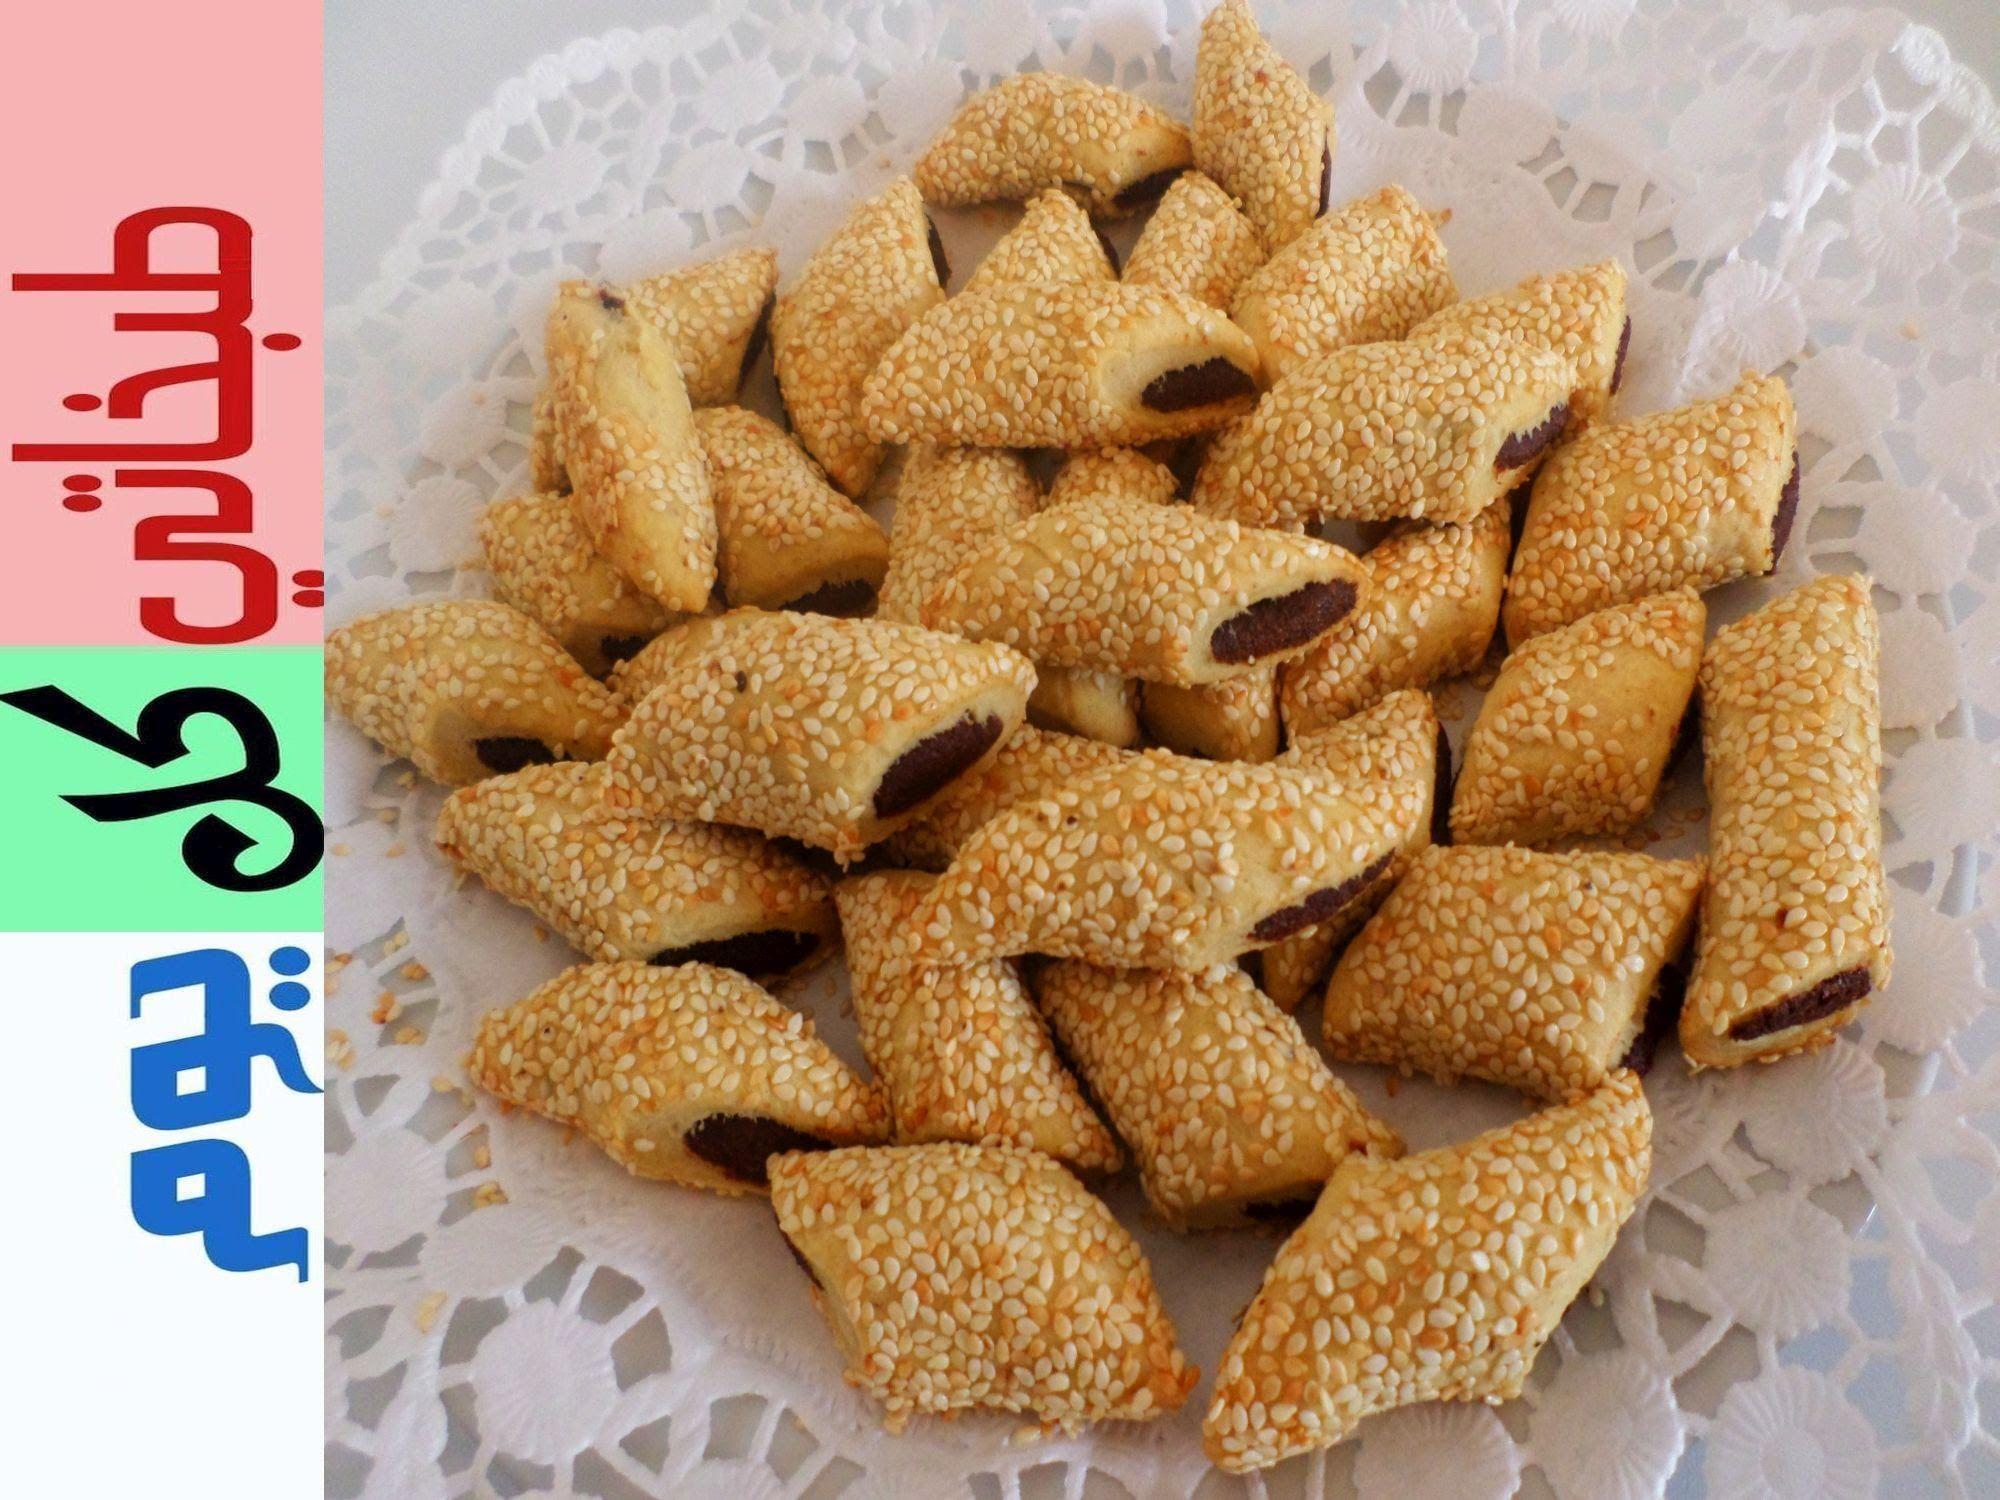 طريقة عمل مقروطة التمر بسكويت التمر بالسمسم طبخاتي كل يوم Lebanese Desserts Arabic Food Date Biscuits